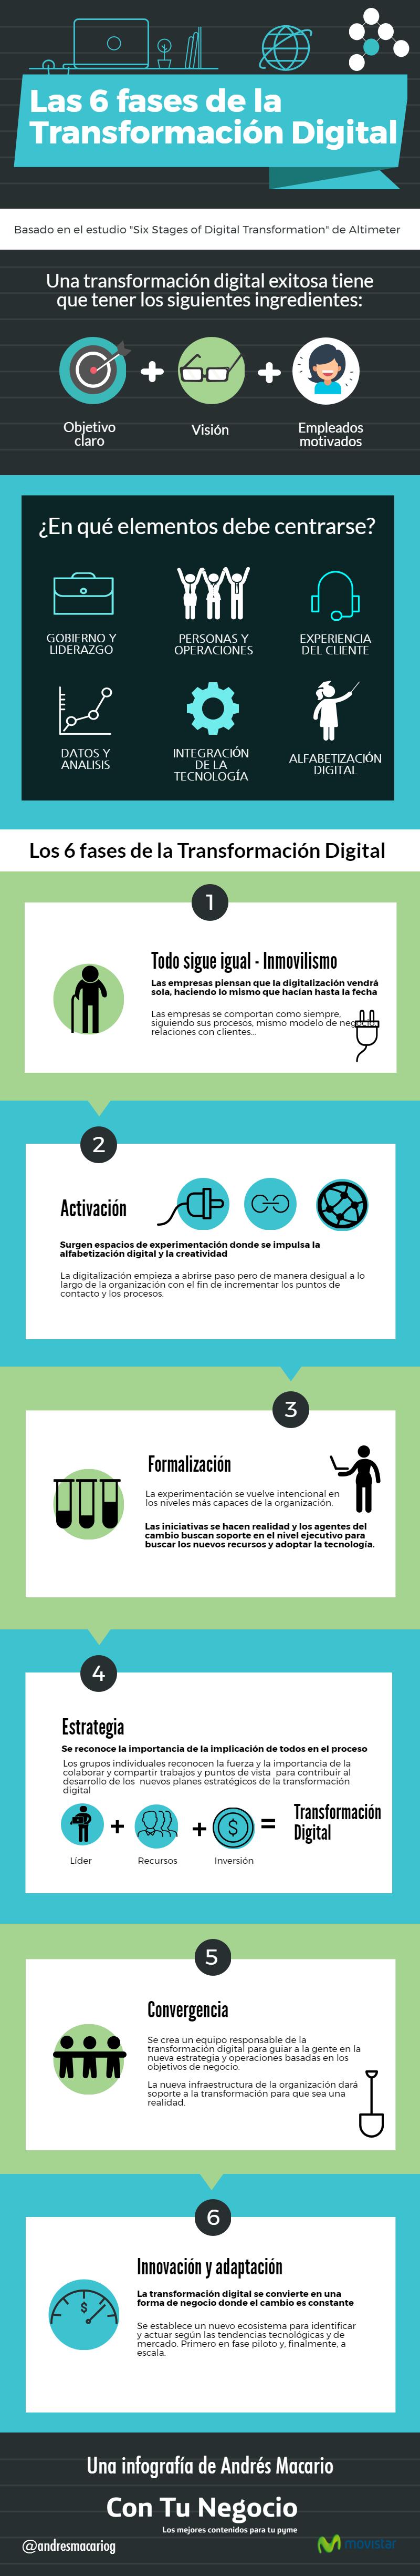 Las seis fases de la transformación digital #infografía.png